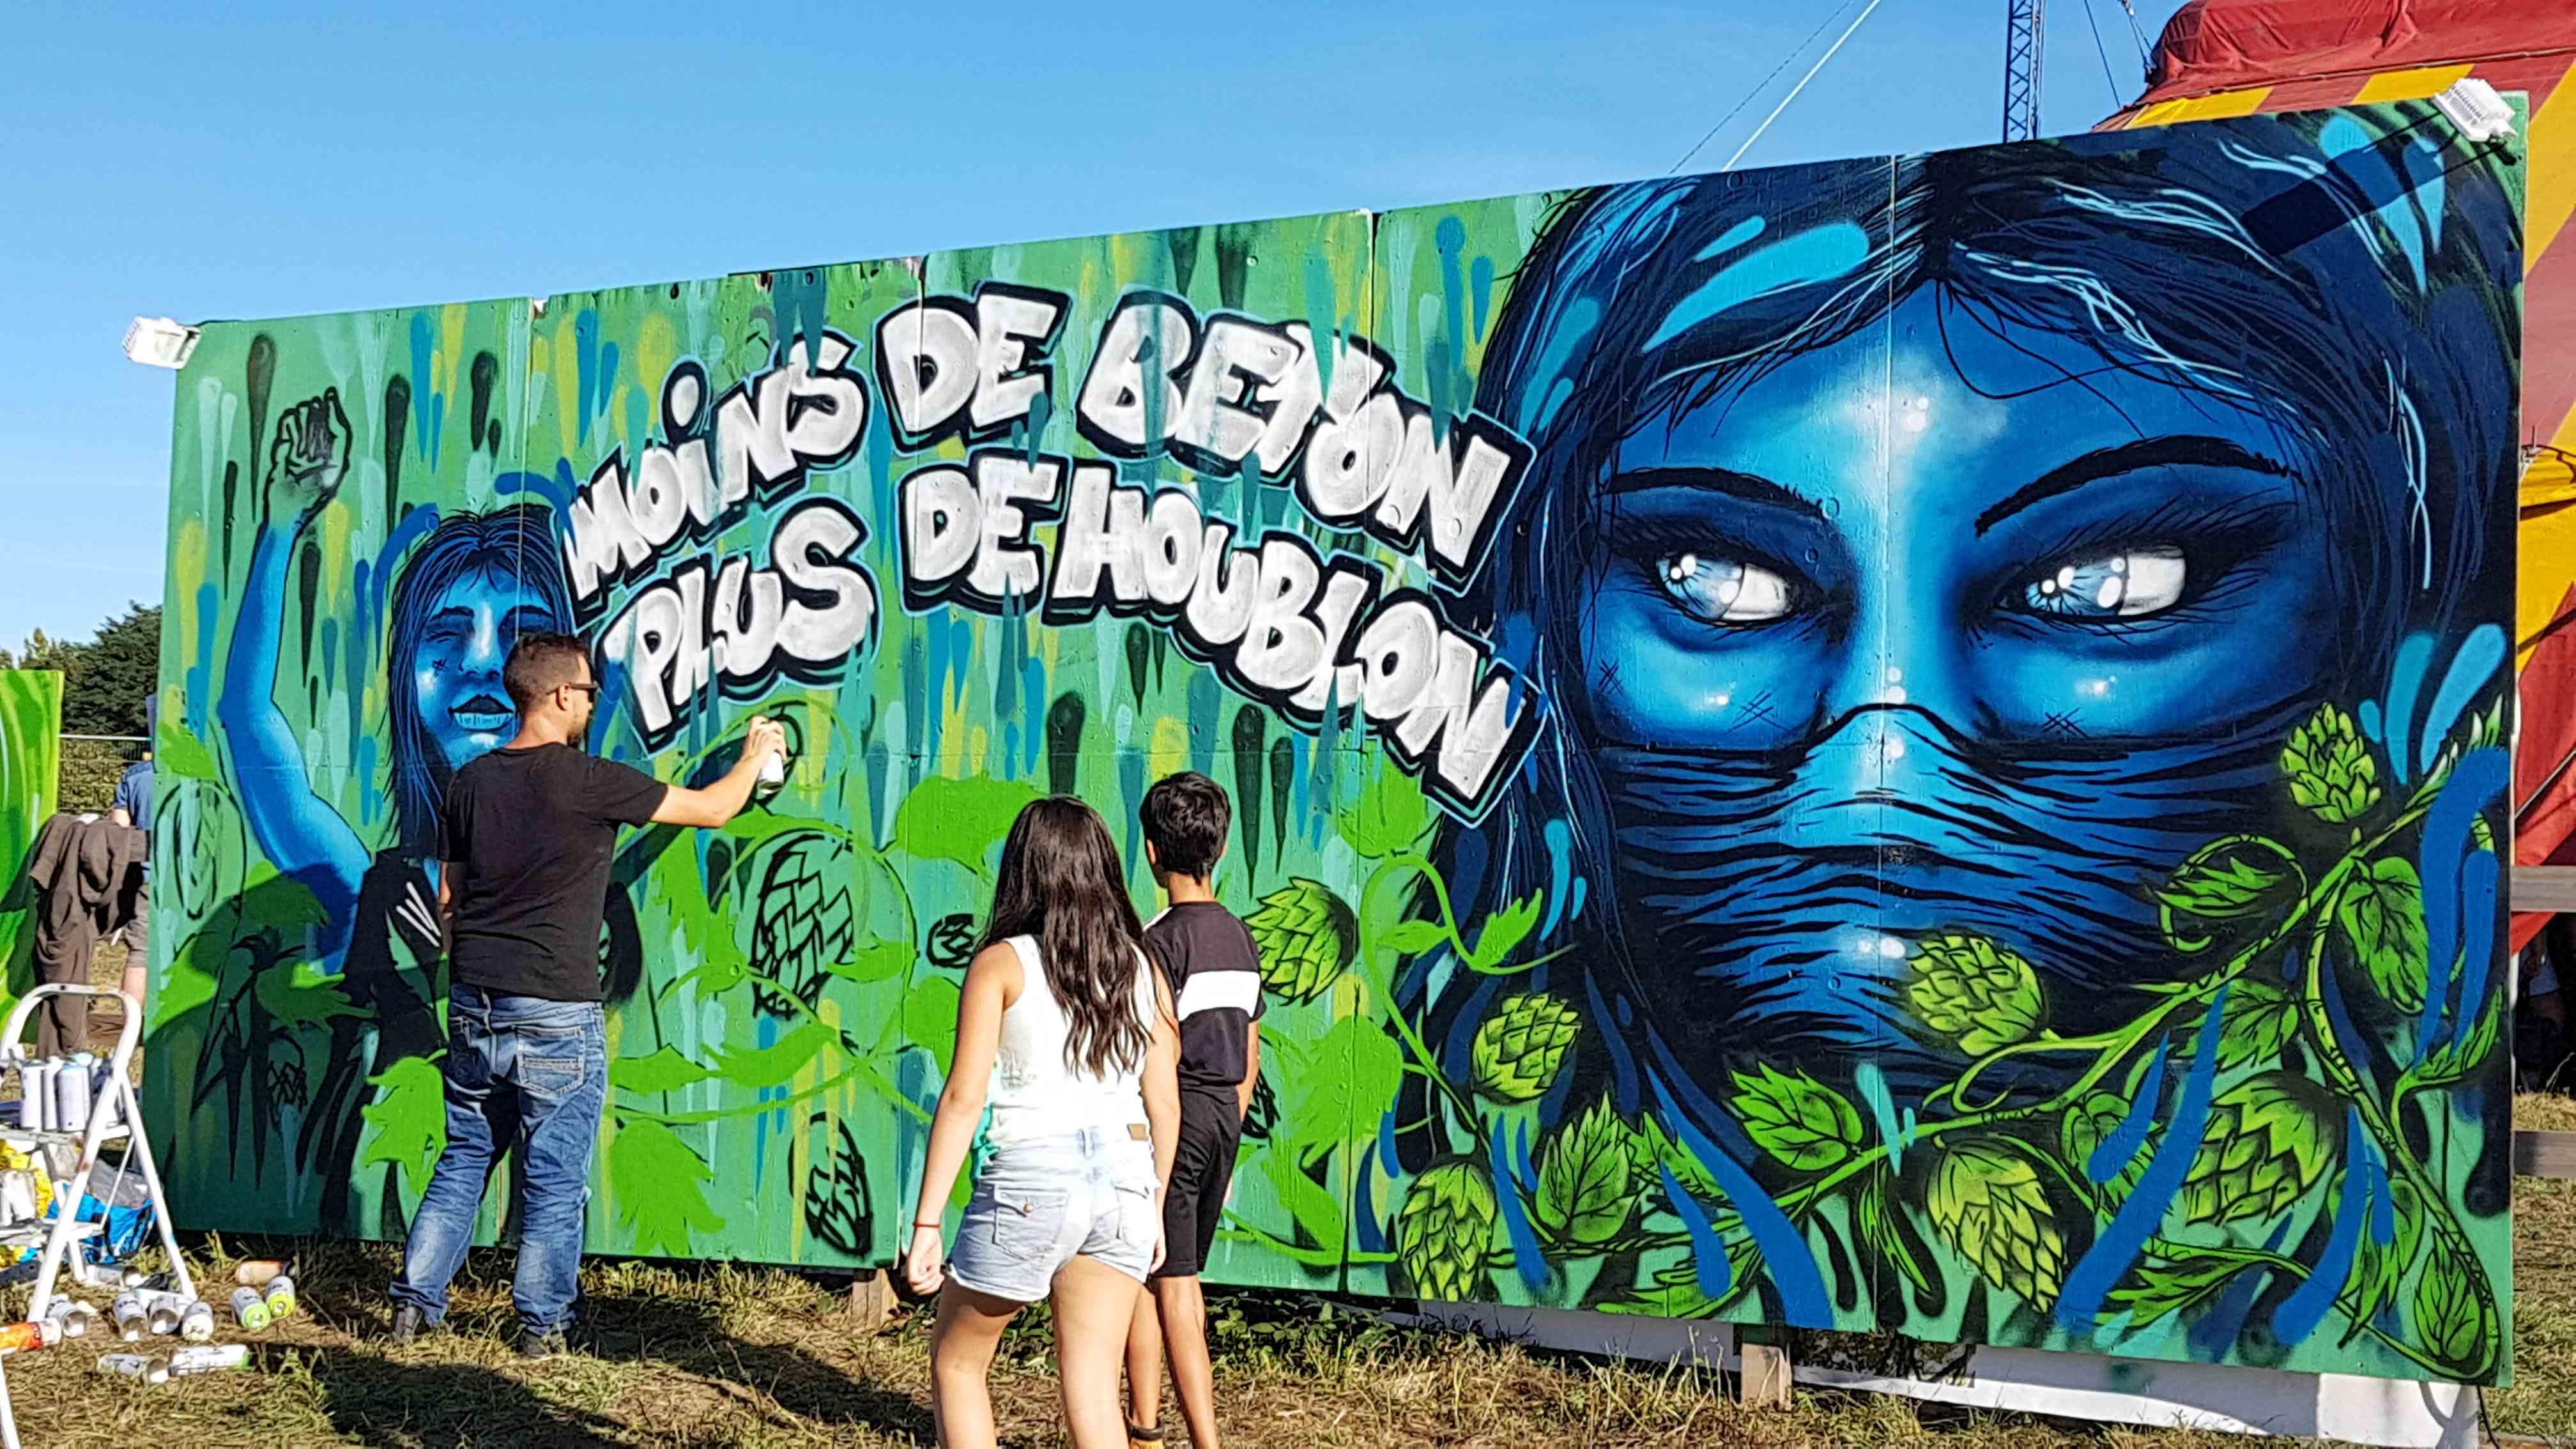 Graffiti tag moins de béton plus de houblon